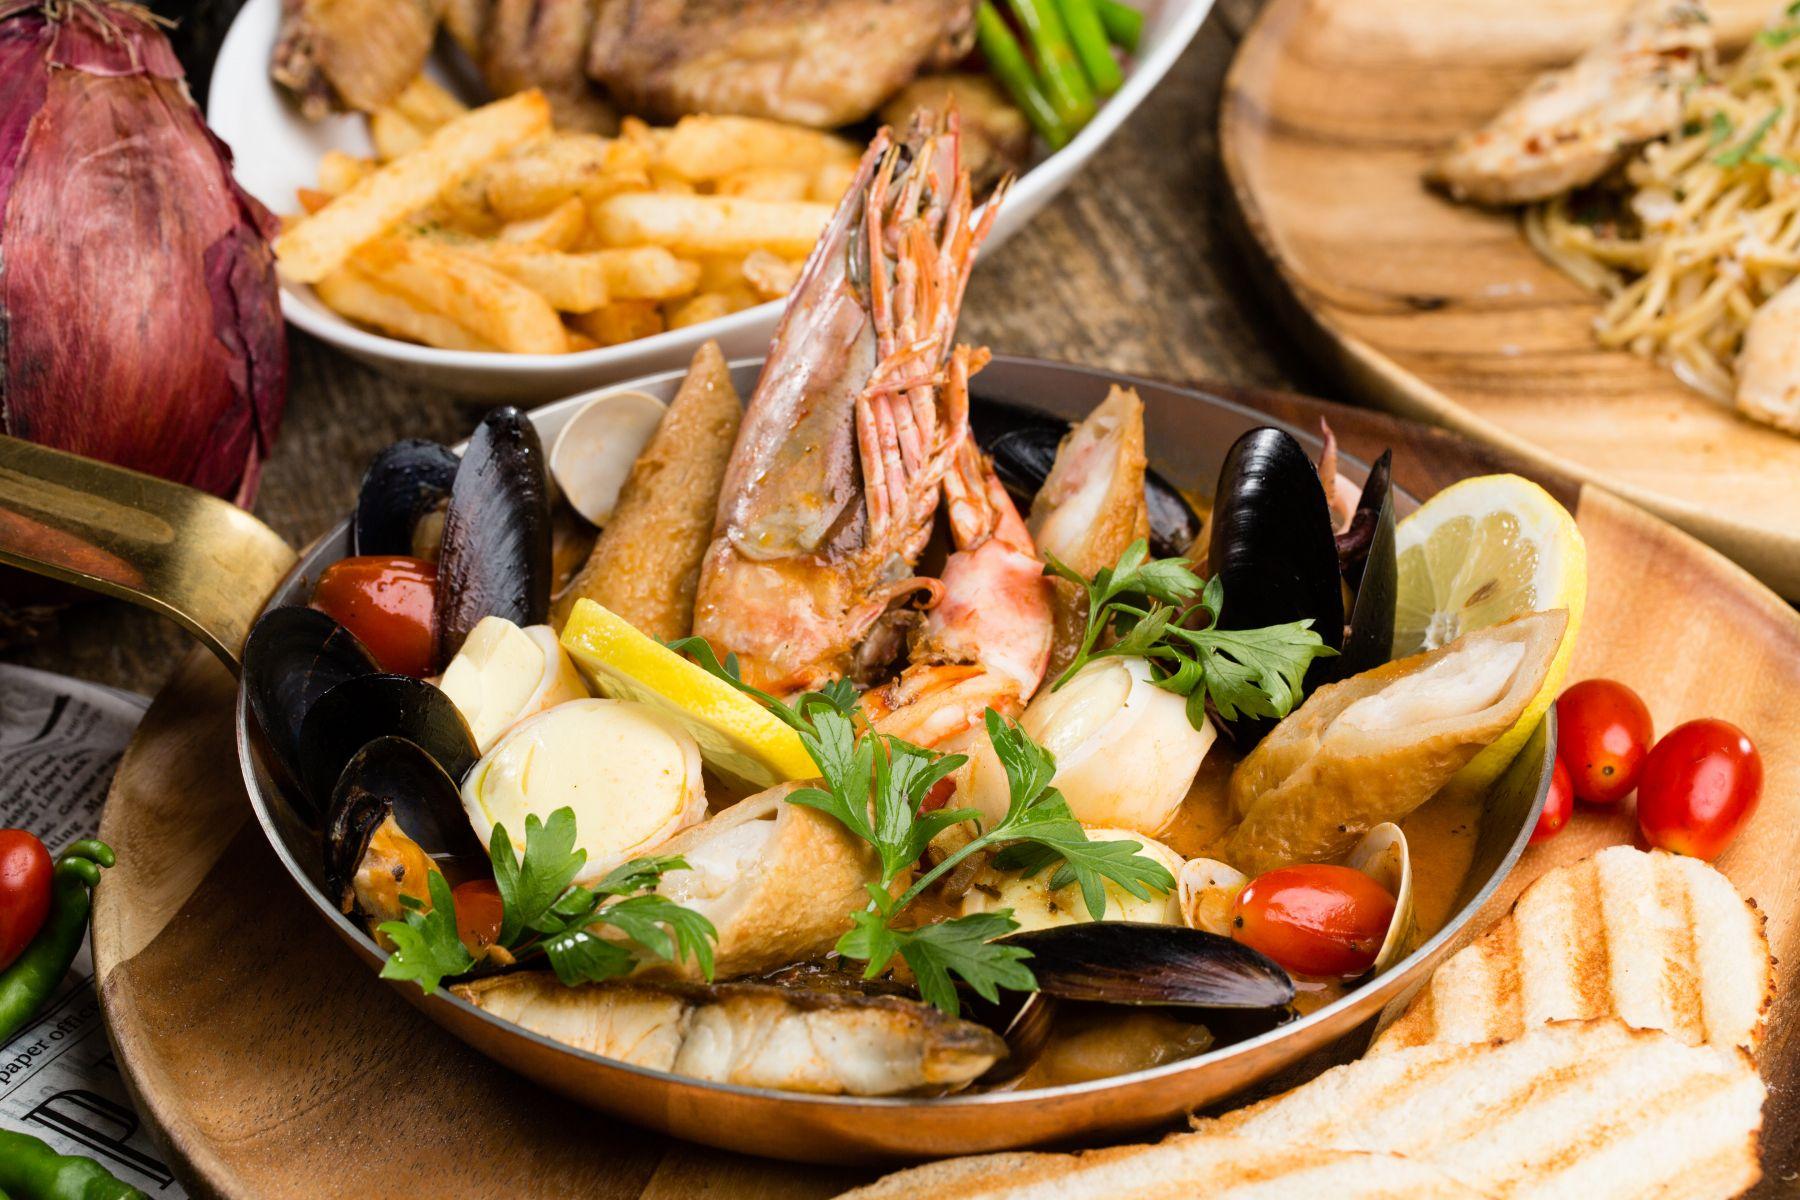 基隆本港現流魚獲組成的最強鍋物 秋冬必吃暖心漁夫鍋